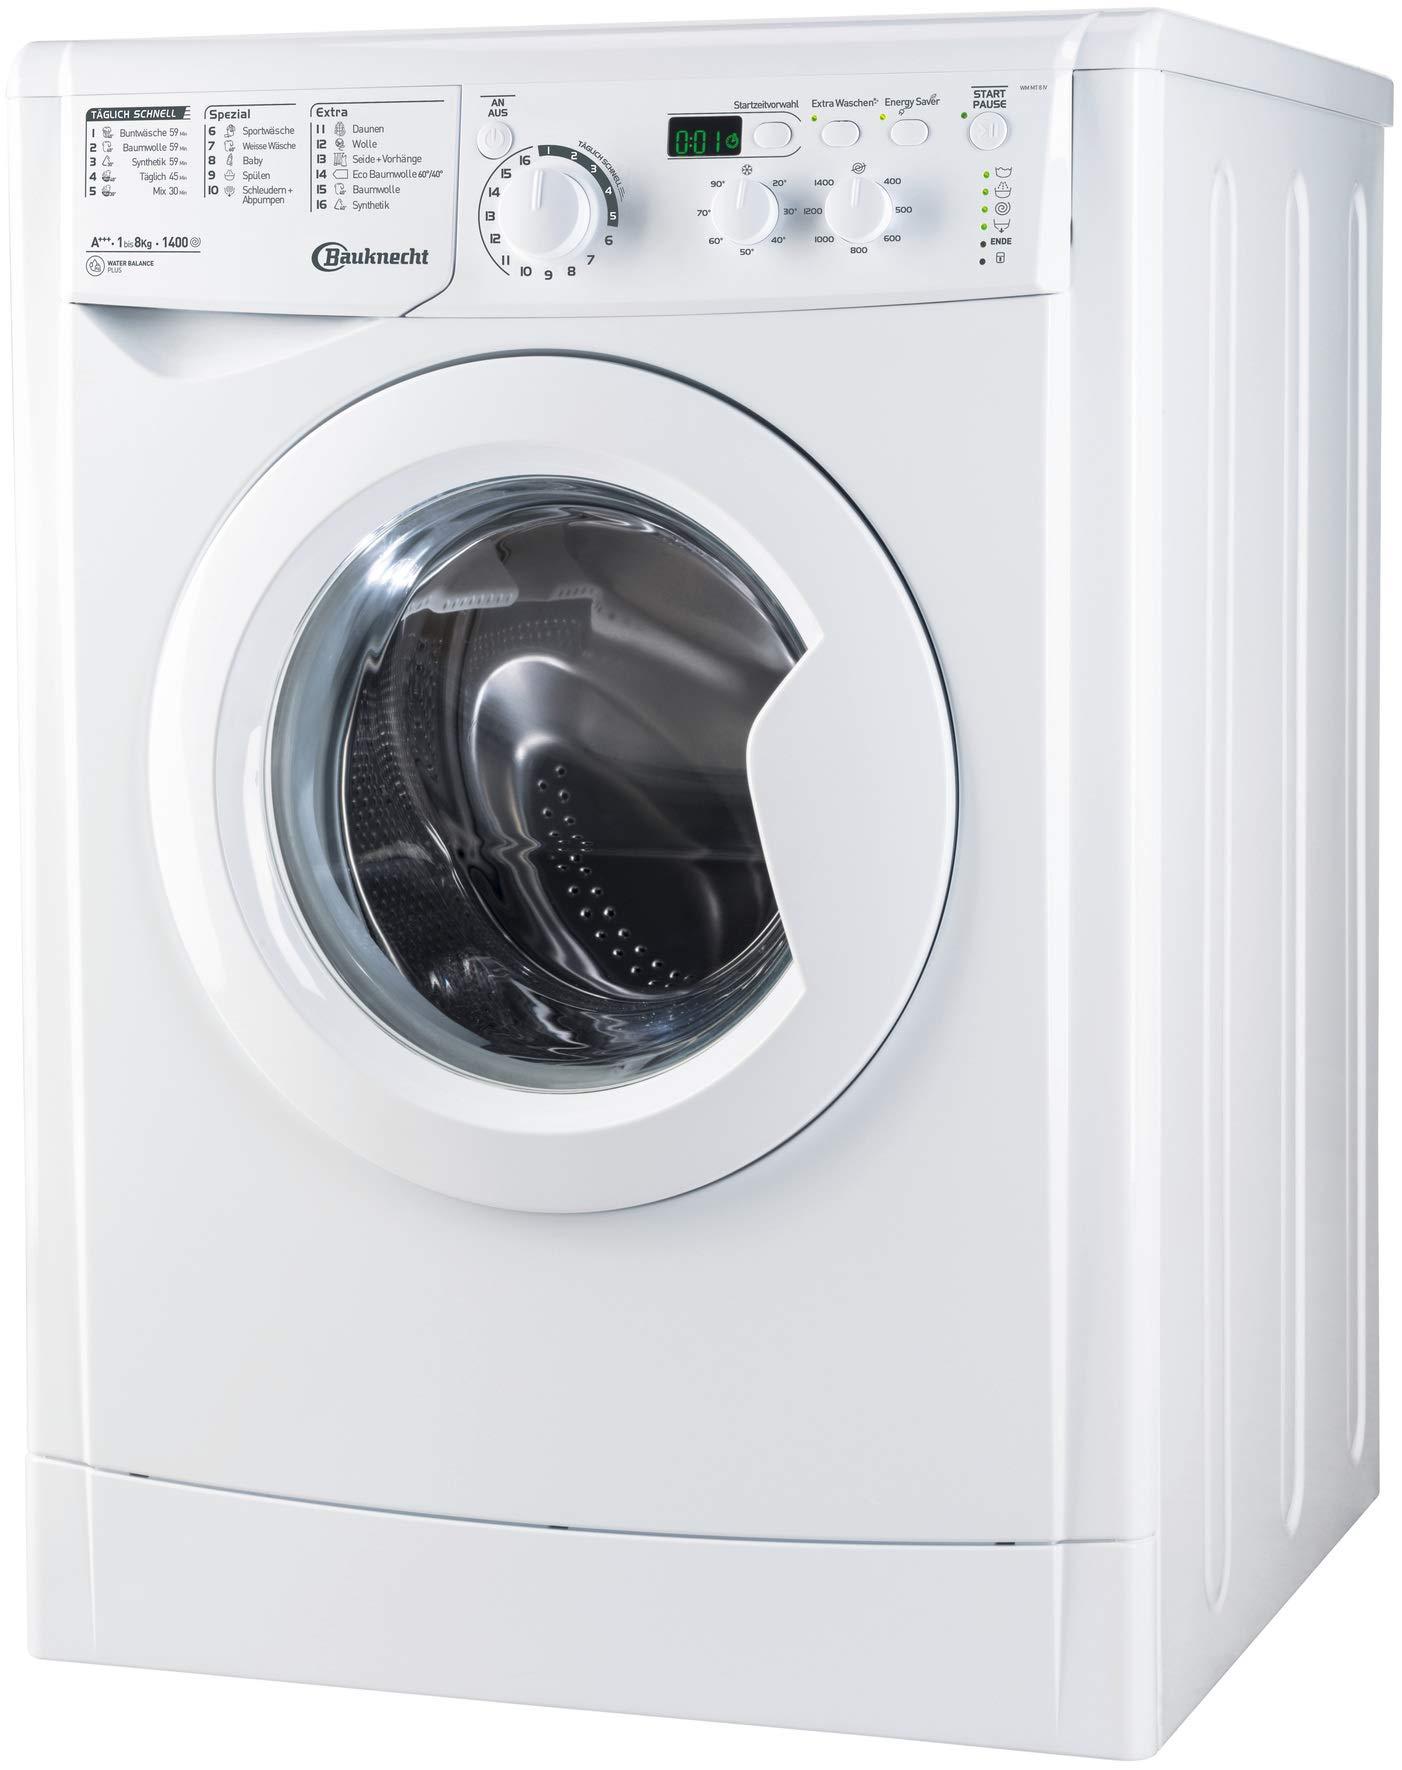 Bauknecht-WM-MT-8-IV-Waschmaschine-Frontlader-unterbaufhigA-8-kg-1400-UpMProSilent-Inverter-MotorStartzeitvorwahlMengenautomatik